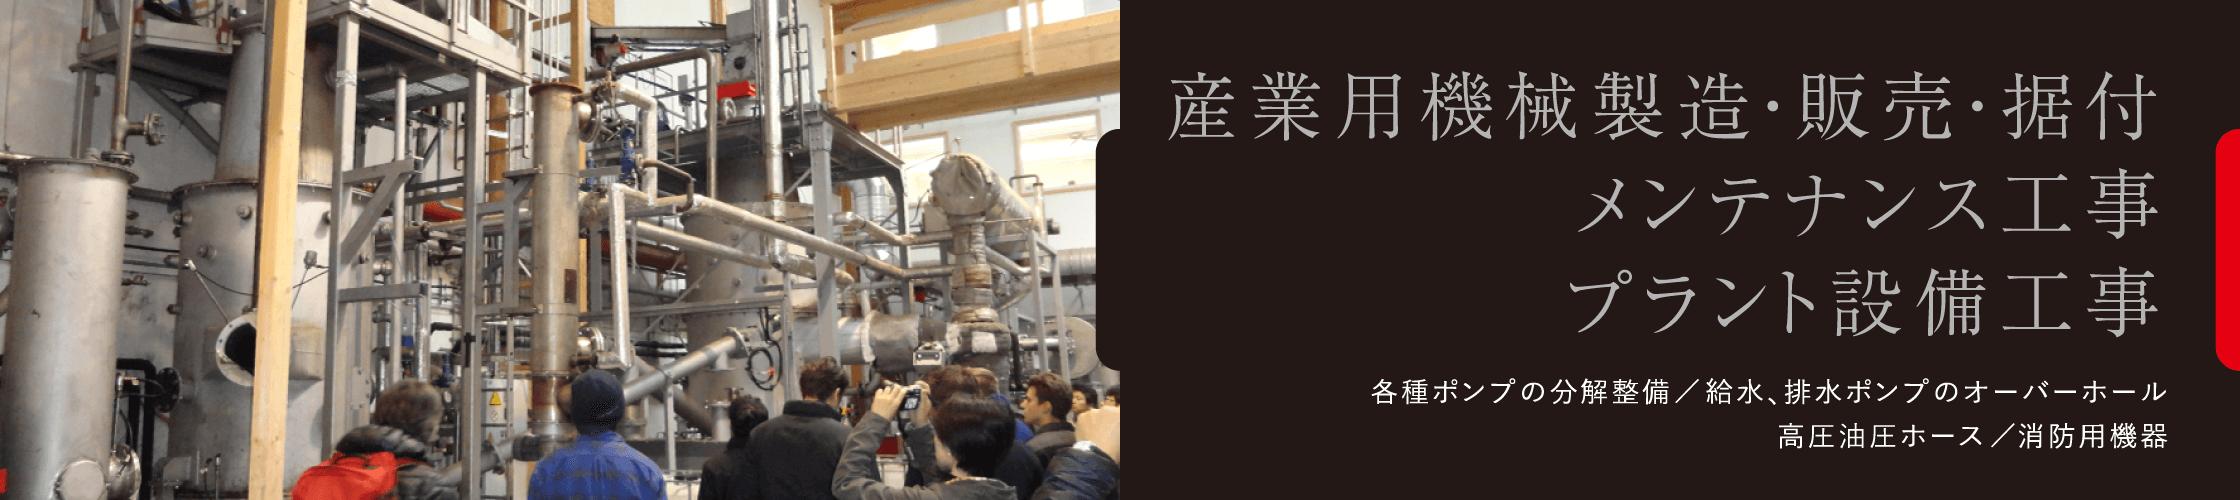 産業用機械製造・販売・据付 メンテナンス工事 プラント設備工事